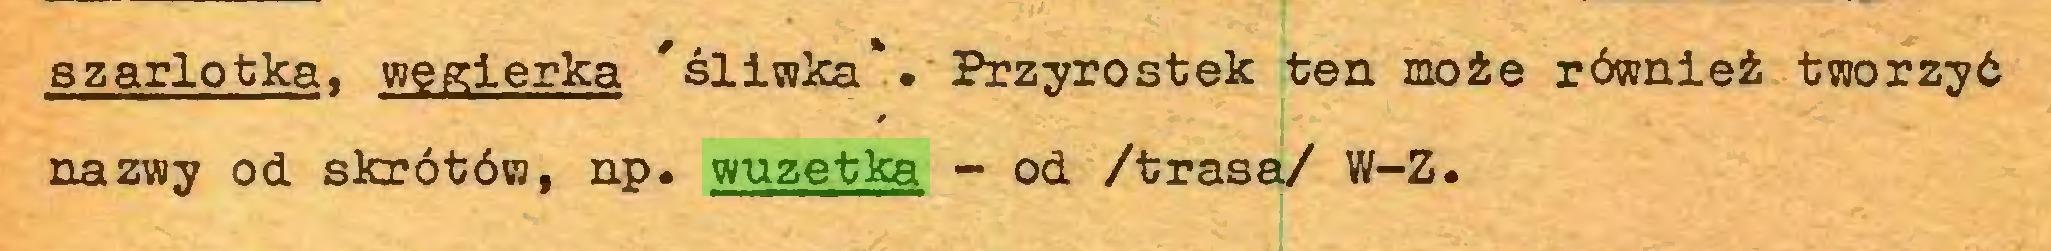 (...) szarlotka, węgierka 'śliwka'. Przyrostek ten może również tworzyć nazwy od skrótów, np. wuzetka - od /trasa/ W-Z...